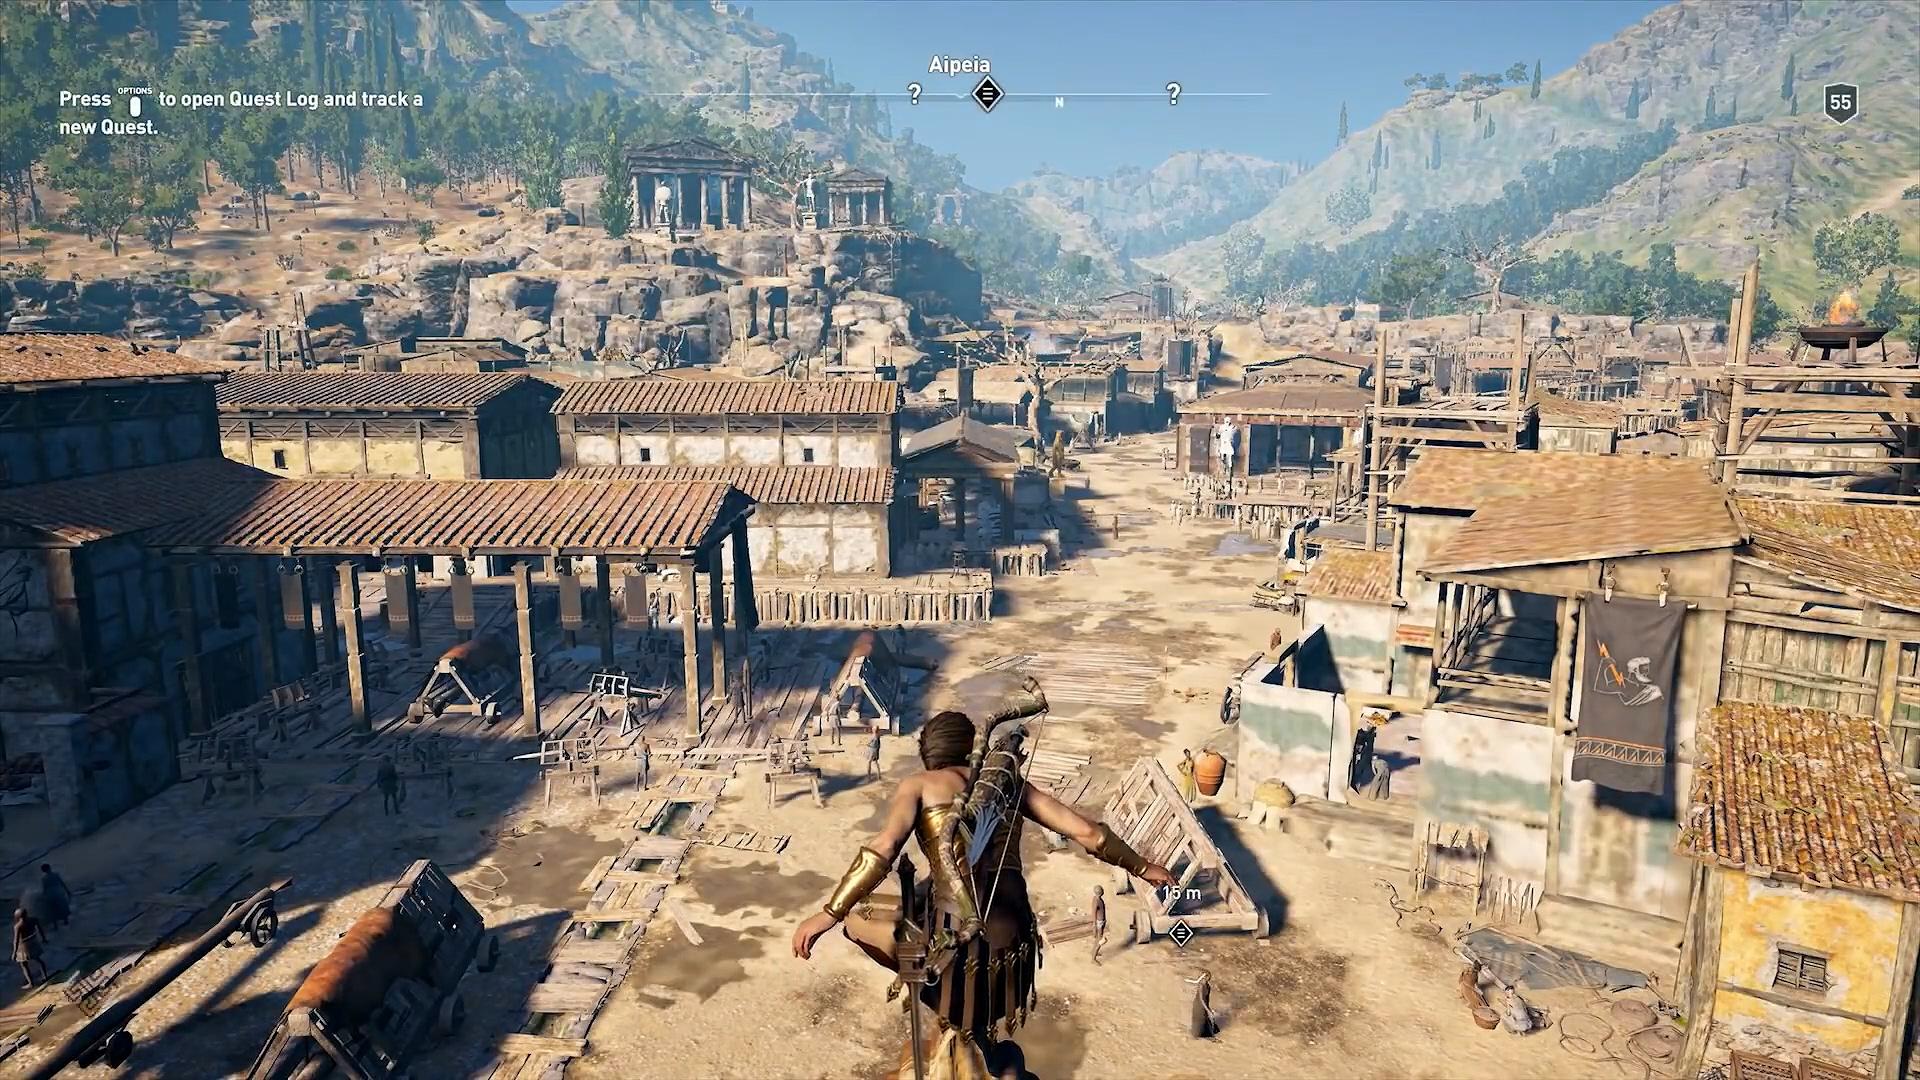 制作人谈如何打造《刺客信条:奥德赛》优秀的游戏世界